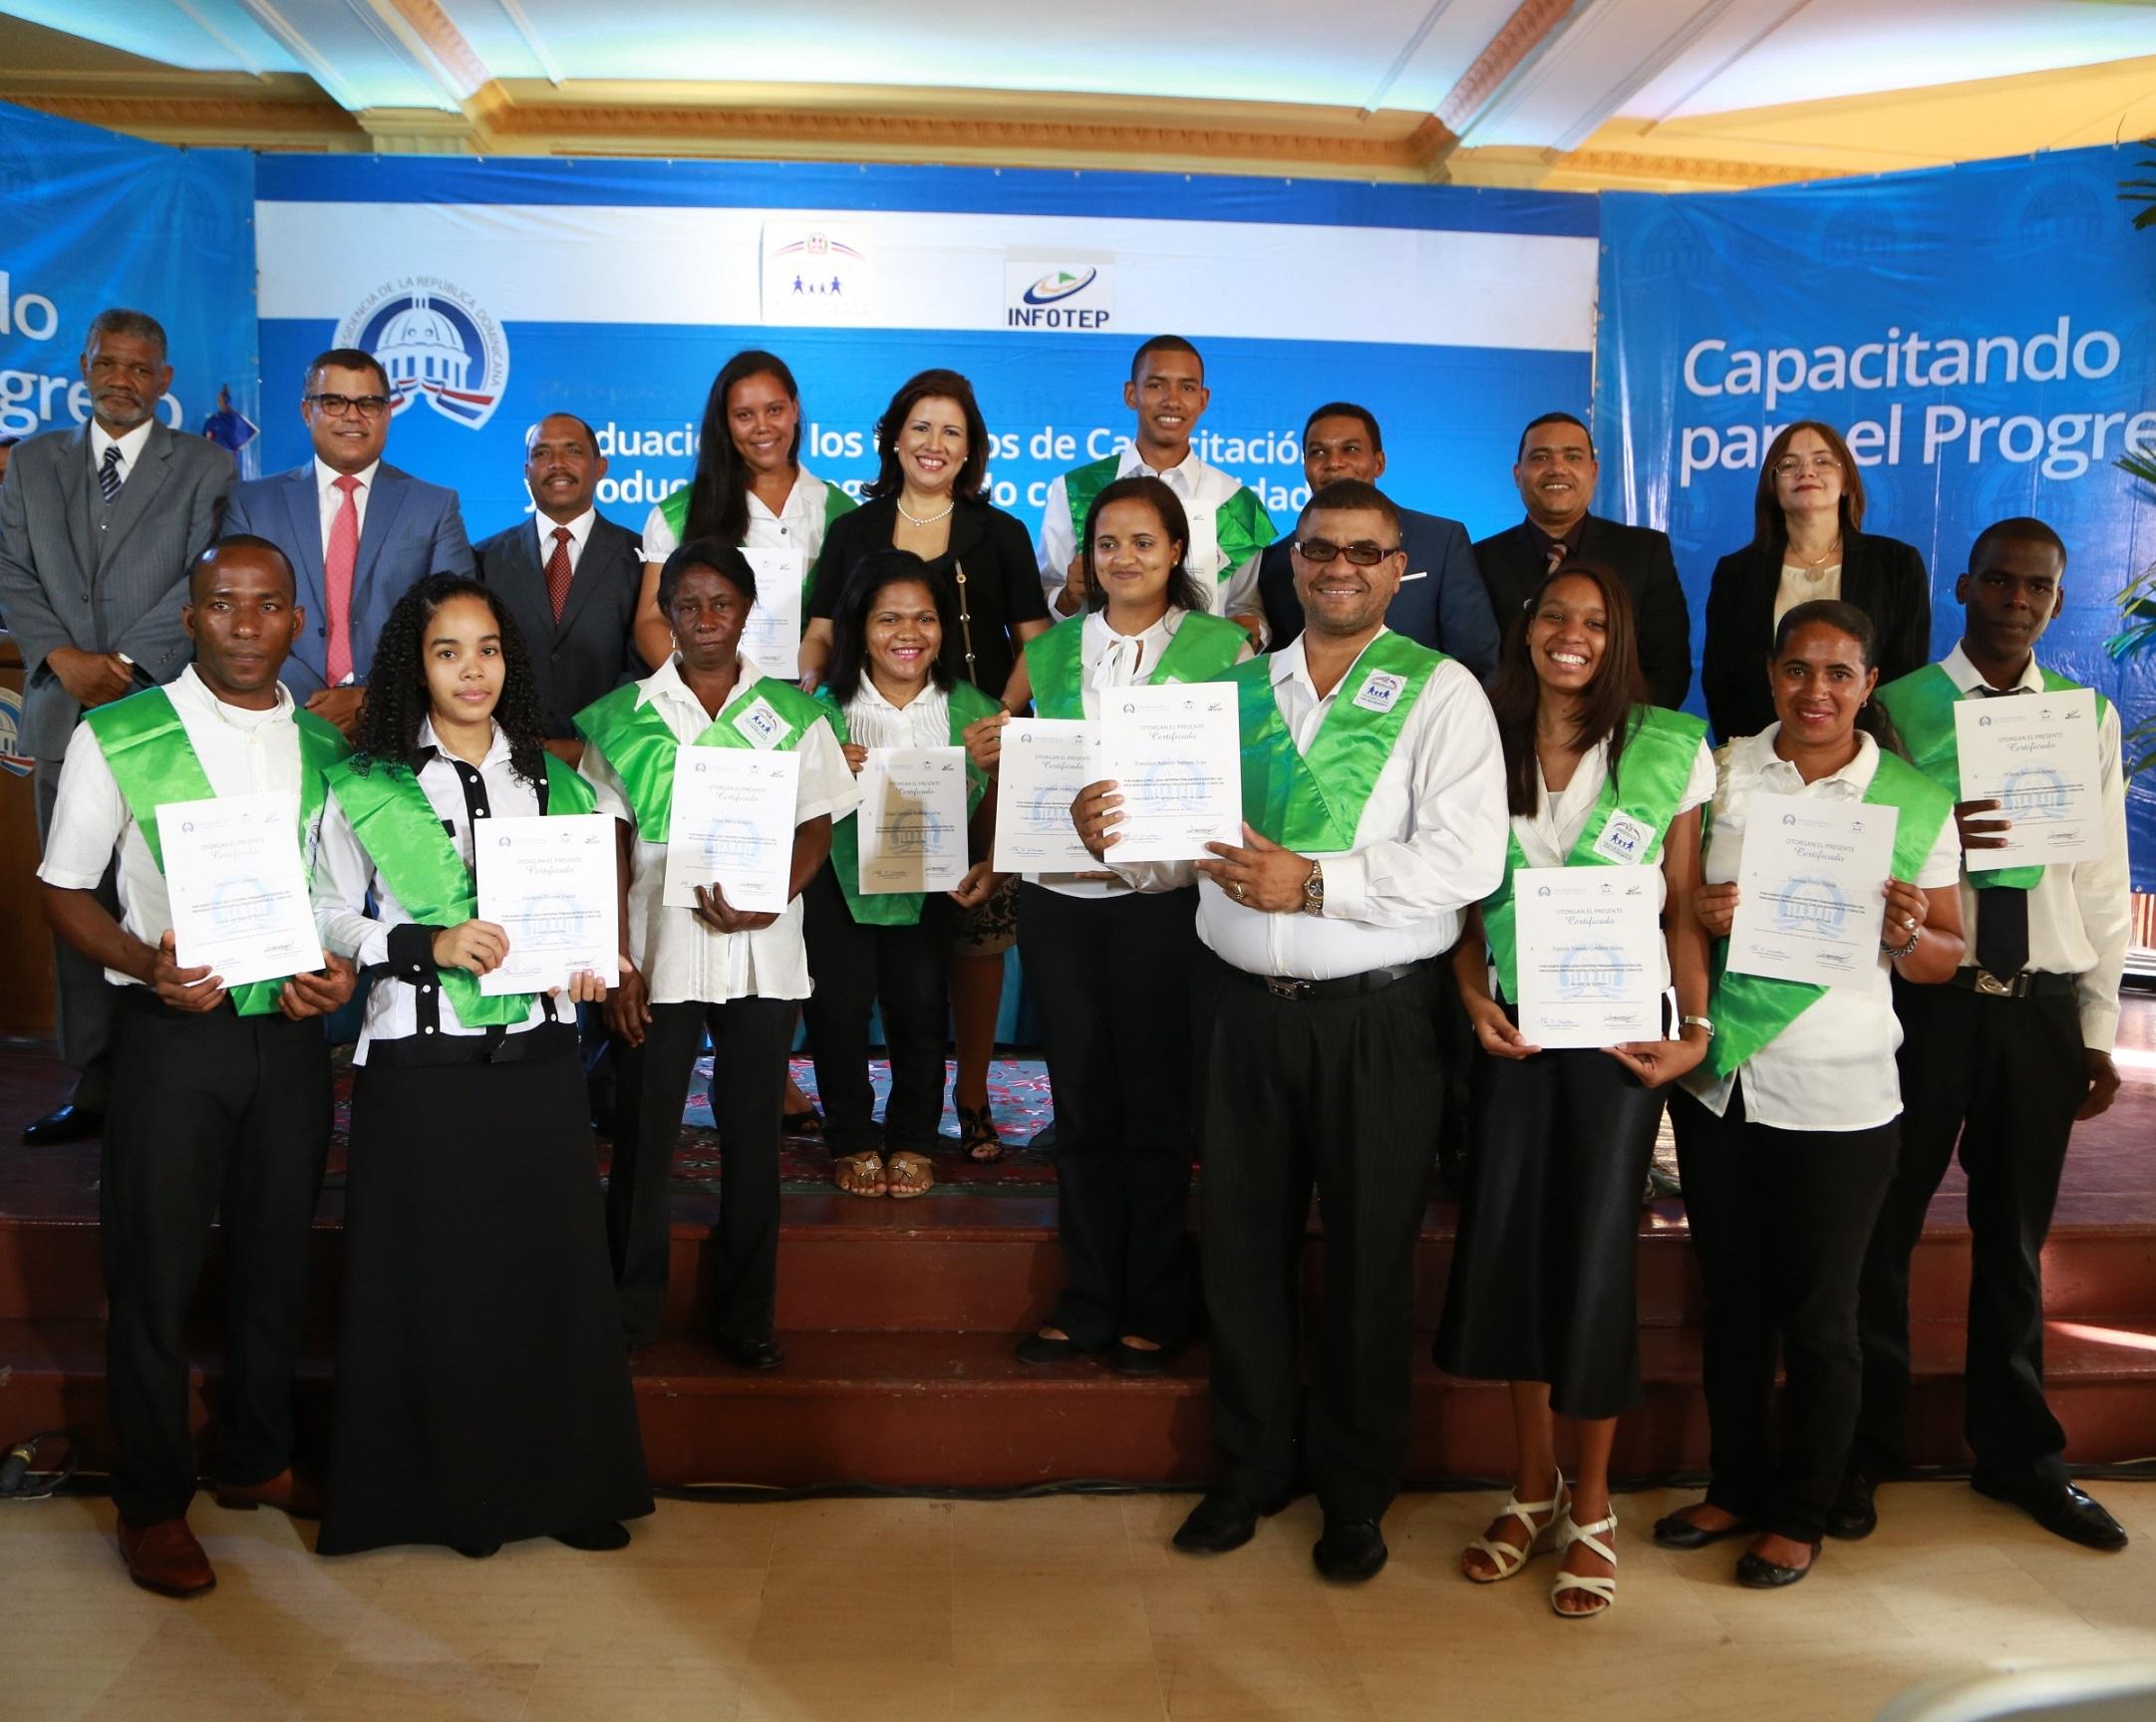 Progresando con Solidaridad gradúa 2,799 técnicos en San Cristóbal